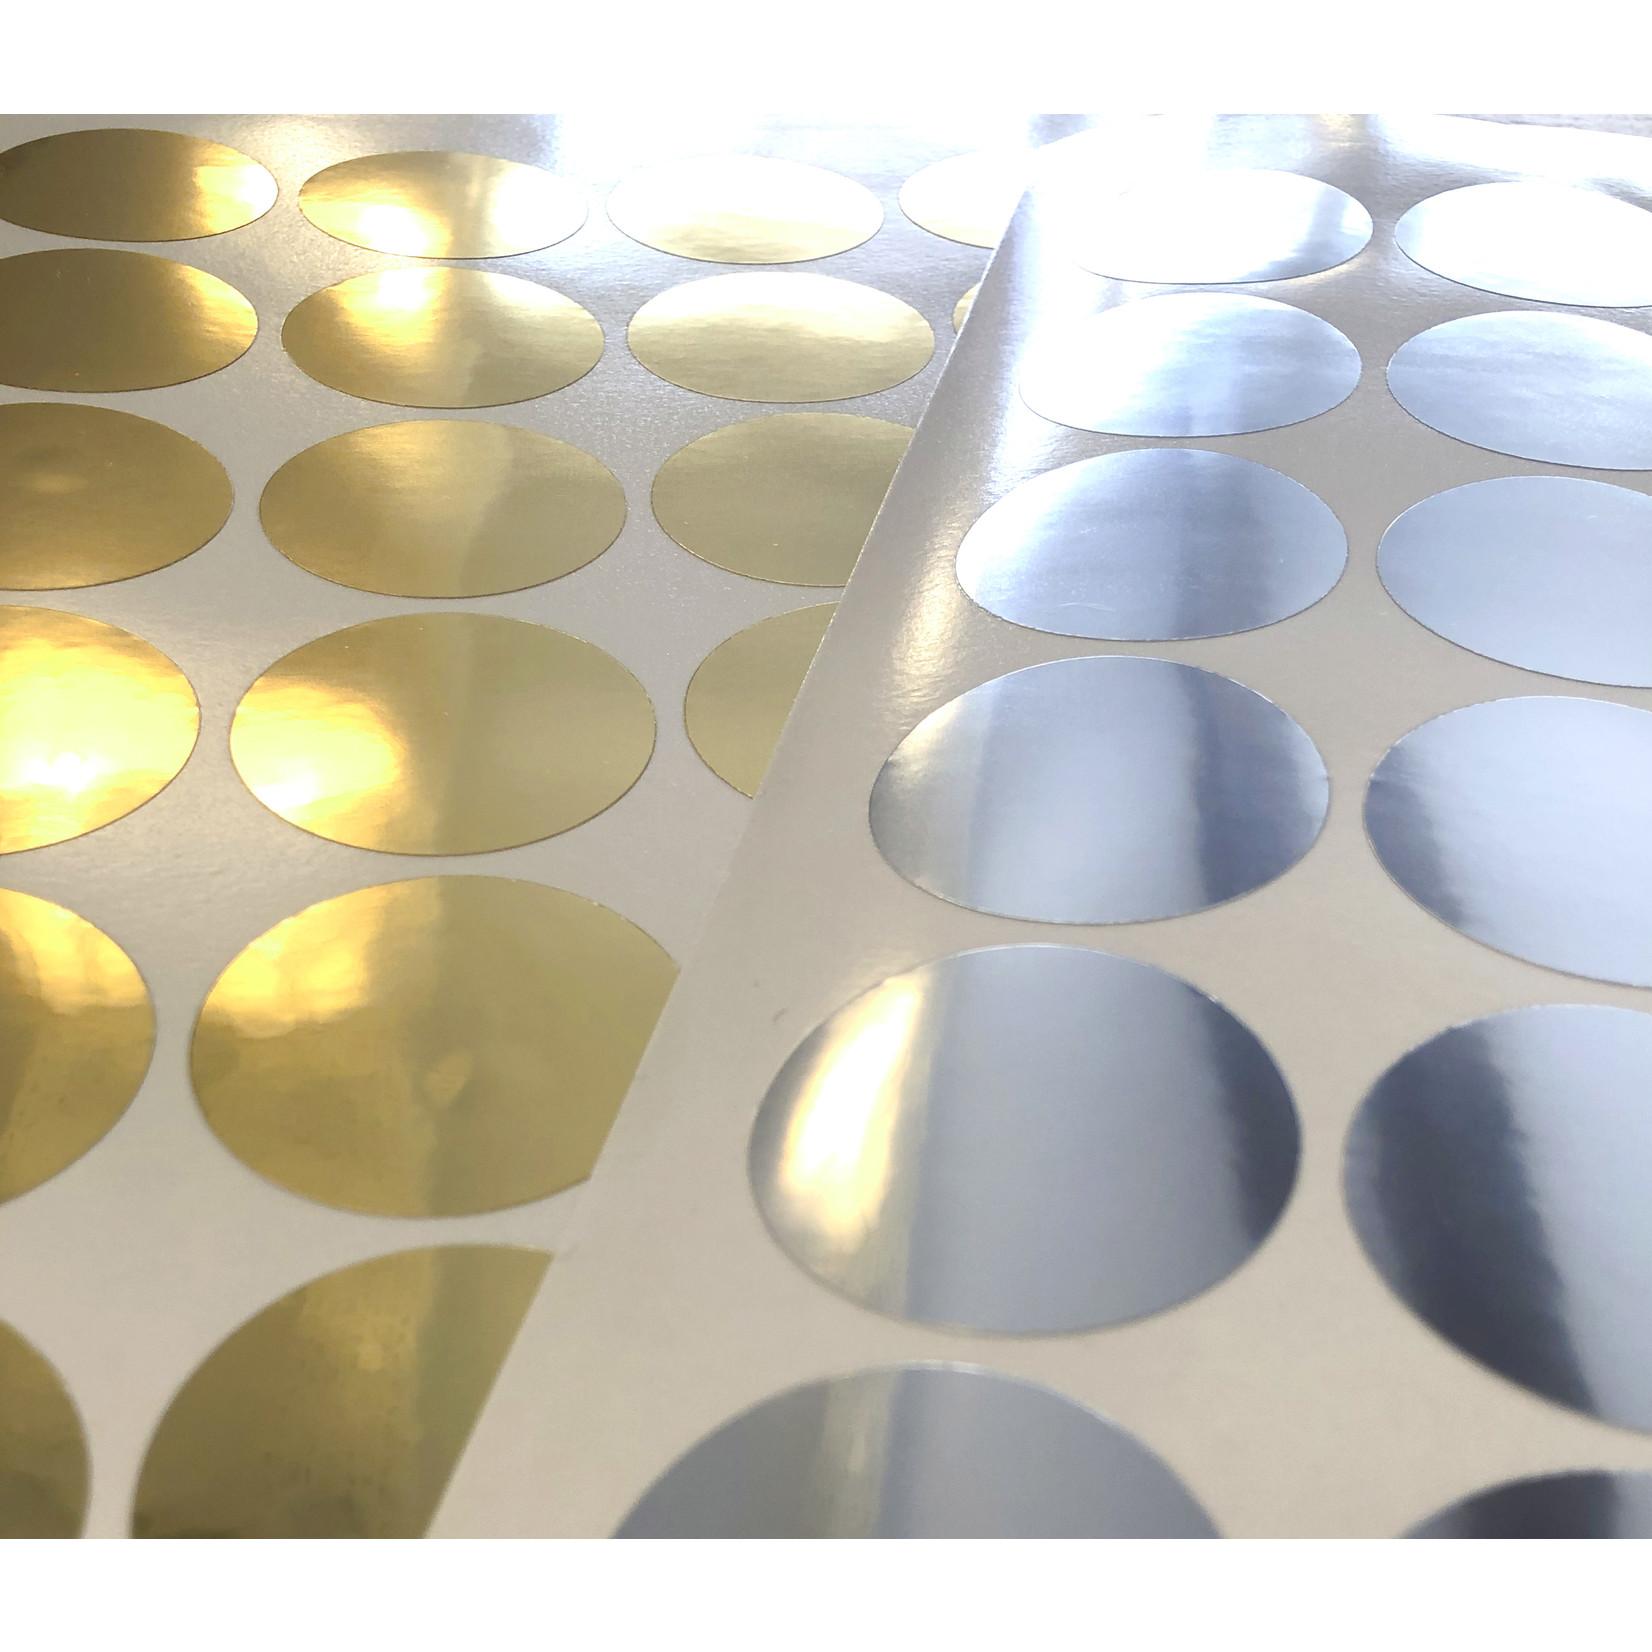 Metallic achtergrondsticker rond 52mm - per 50